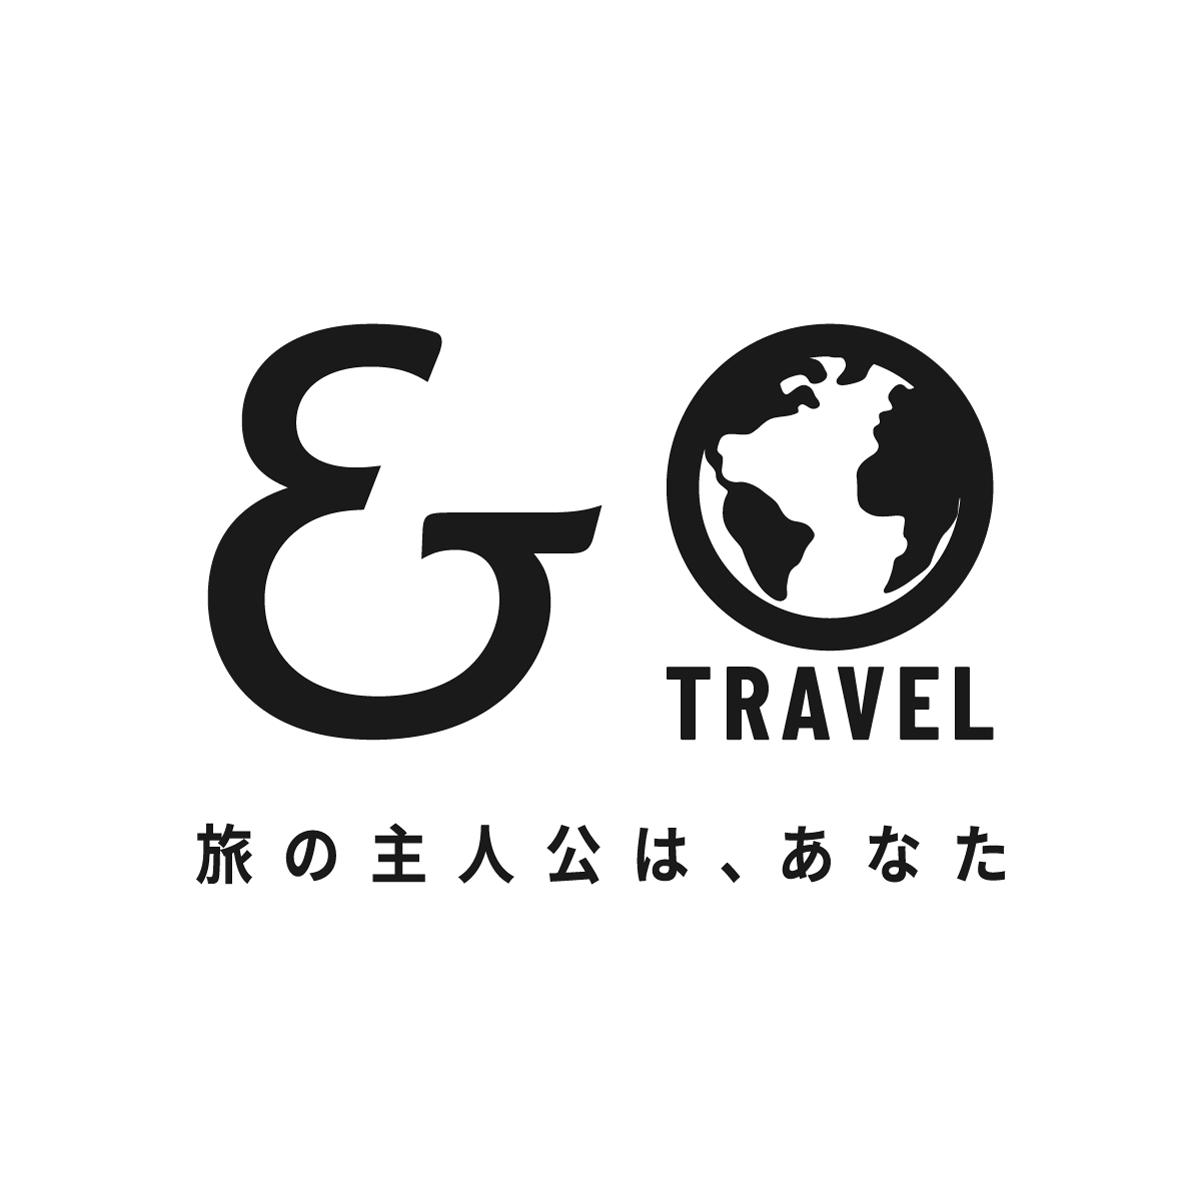 朝日新聞デジタル&TRAVEL(アンド・トラベル)